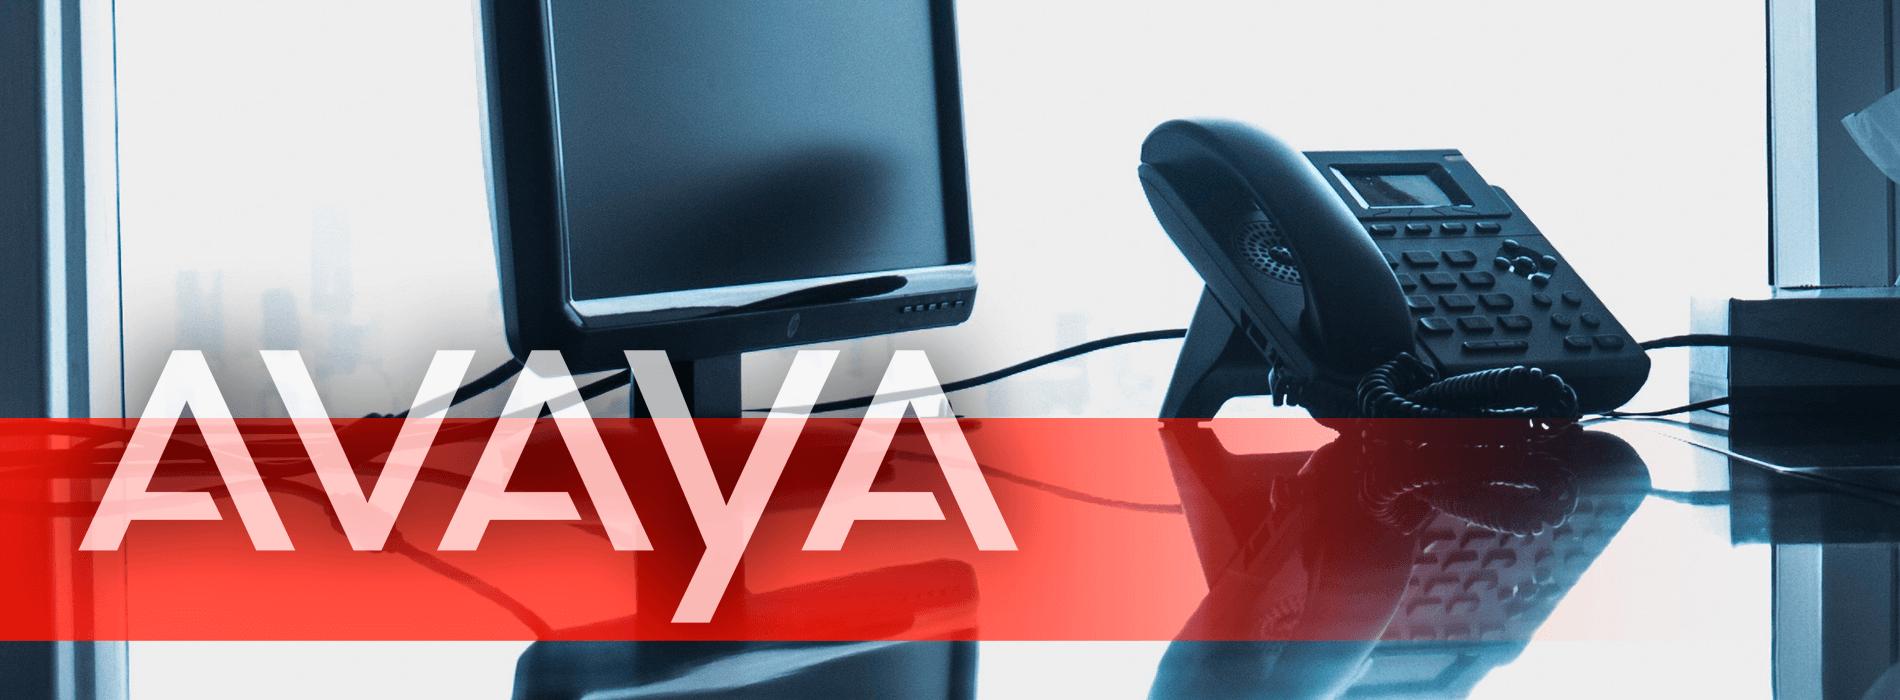 Soluciones de telefonía y centros de llamadas AVAYA - ENETIC partner en Valencia